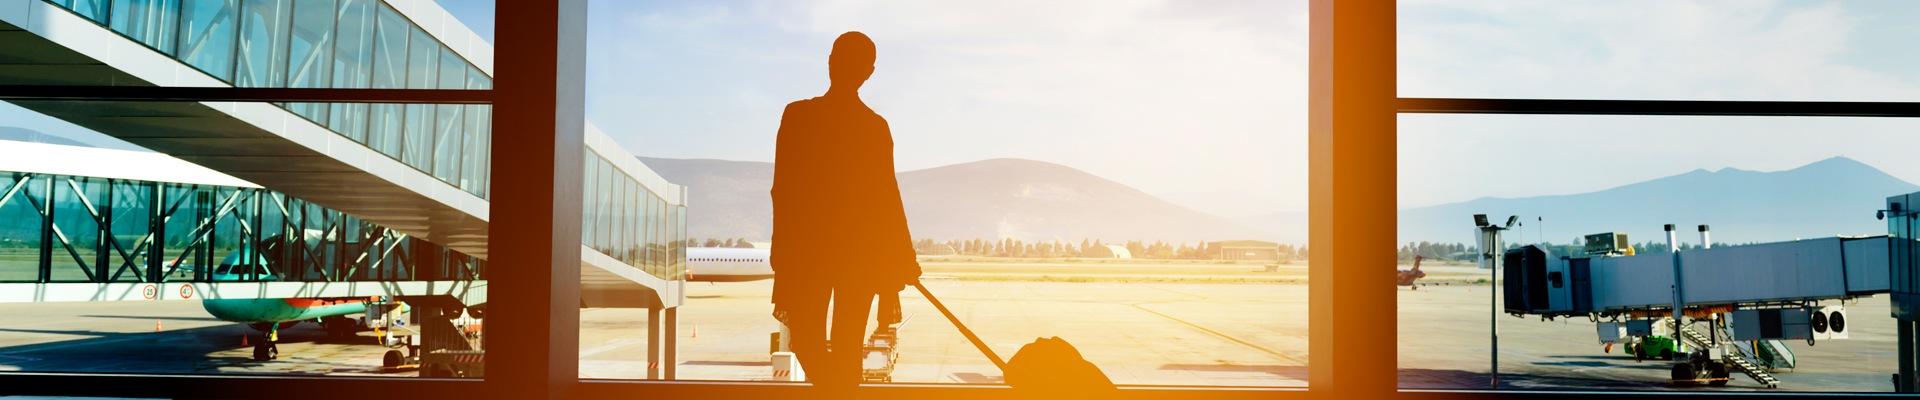 Gründe für einen Reiserücktritt  Reiserücktrittgründe Reiserücktrittkostenversicherung